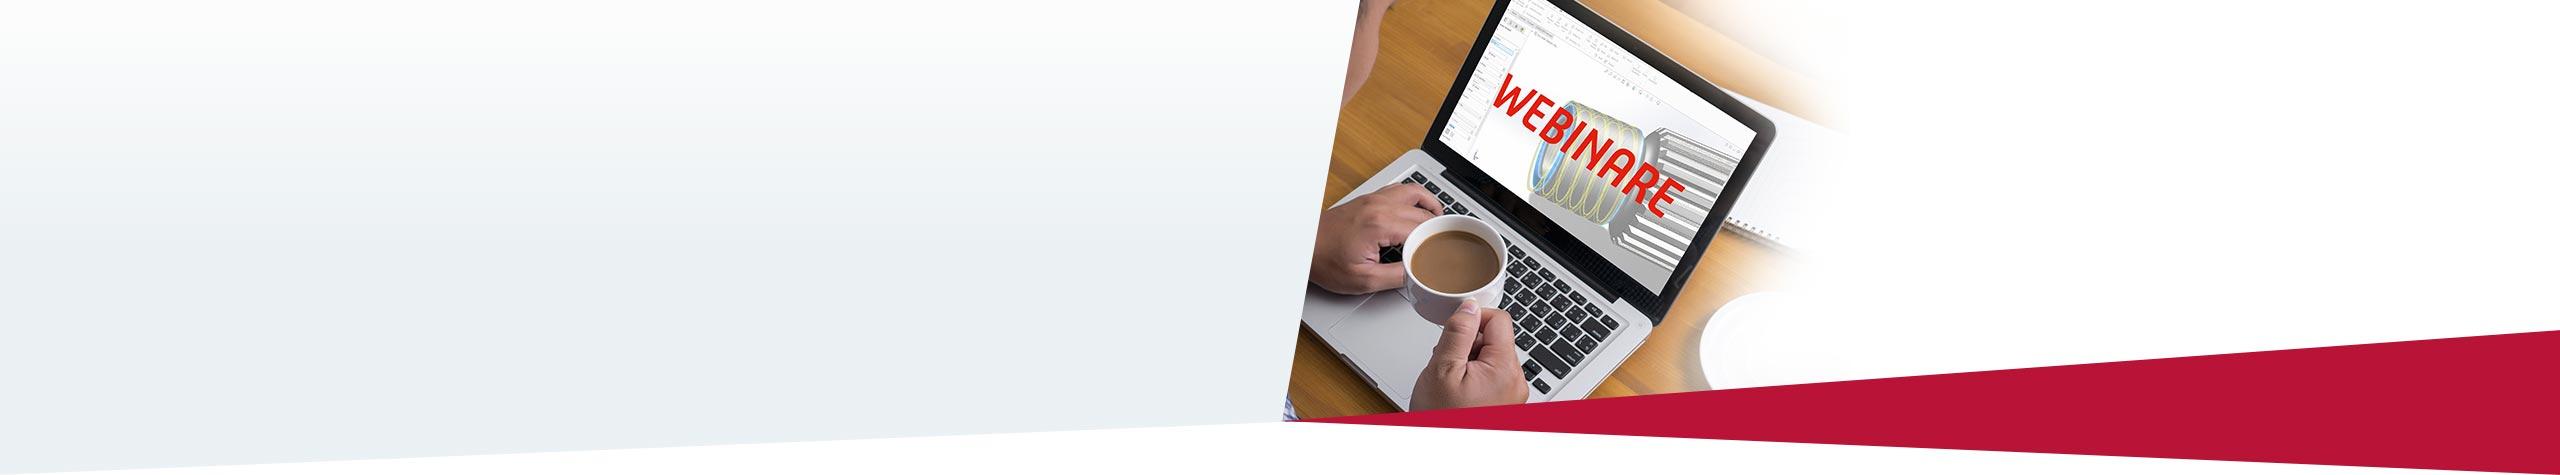 Webinare Wissen online – kompakt, informativ und effizient.